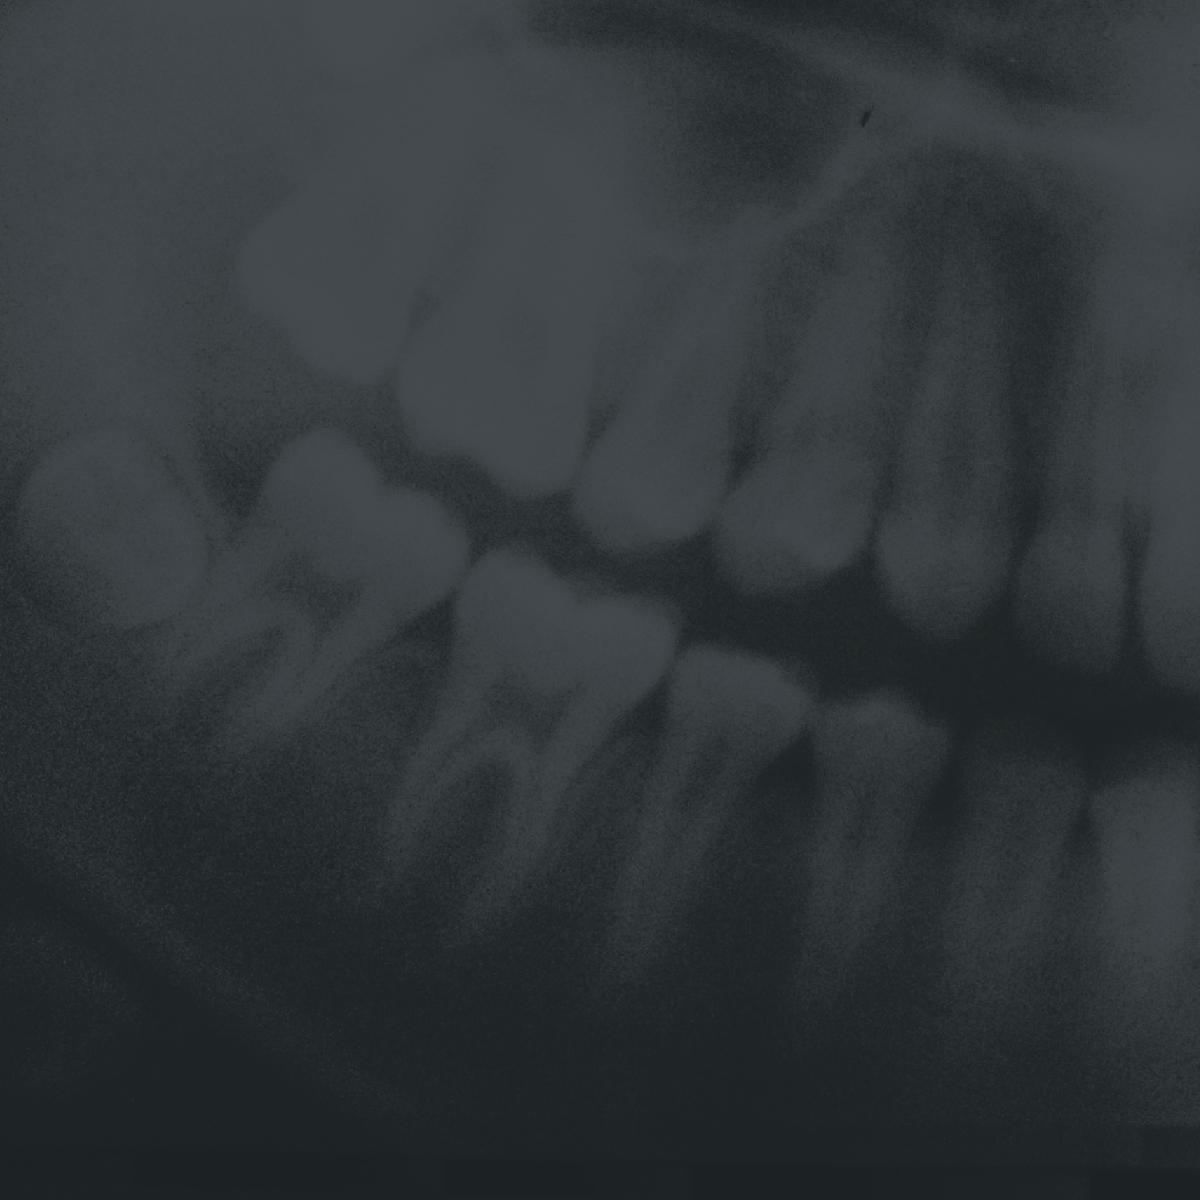 Dr. Alexandre Zappa - Dr Alexandre Zappa est diplômé d'un doctorat en médecine dentaire de l'Université de Montréal. Titulaire d'un certificat de résidence multidisciplinaire en stomatologie de l'Hôpital Notre-Dame à Montréal, il a participé à titre de coordonnateur de recherche à une étude sur «l'incidence des ostéoradionécroses des mâchoires chez les patients ayant reçu des traitements de radiothérapie en oncologie».